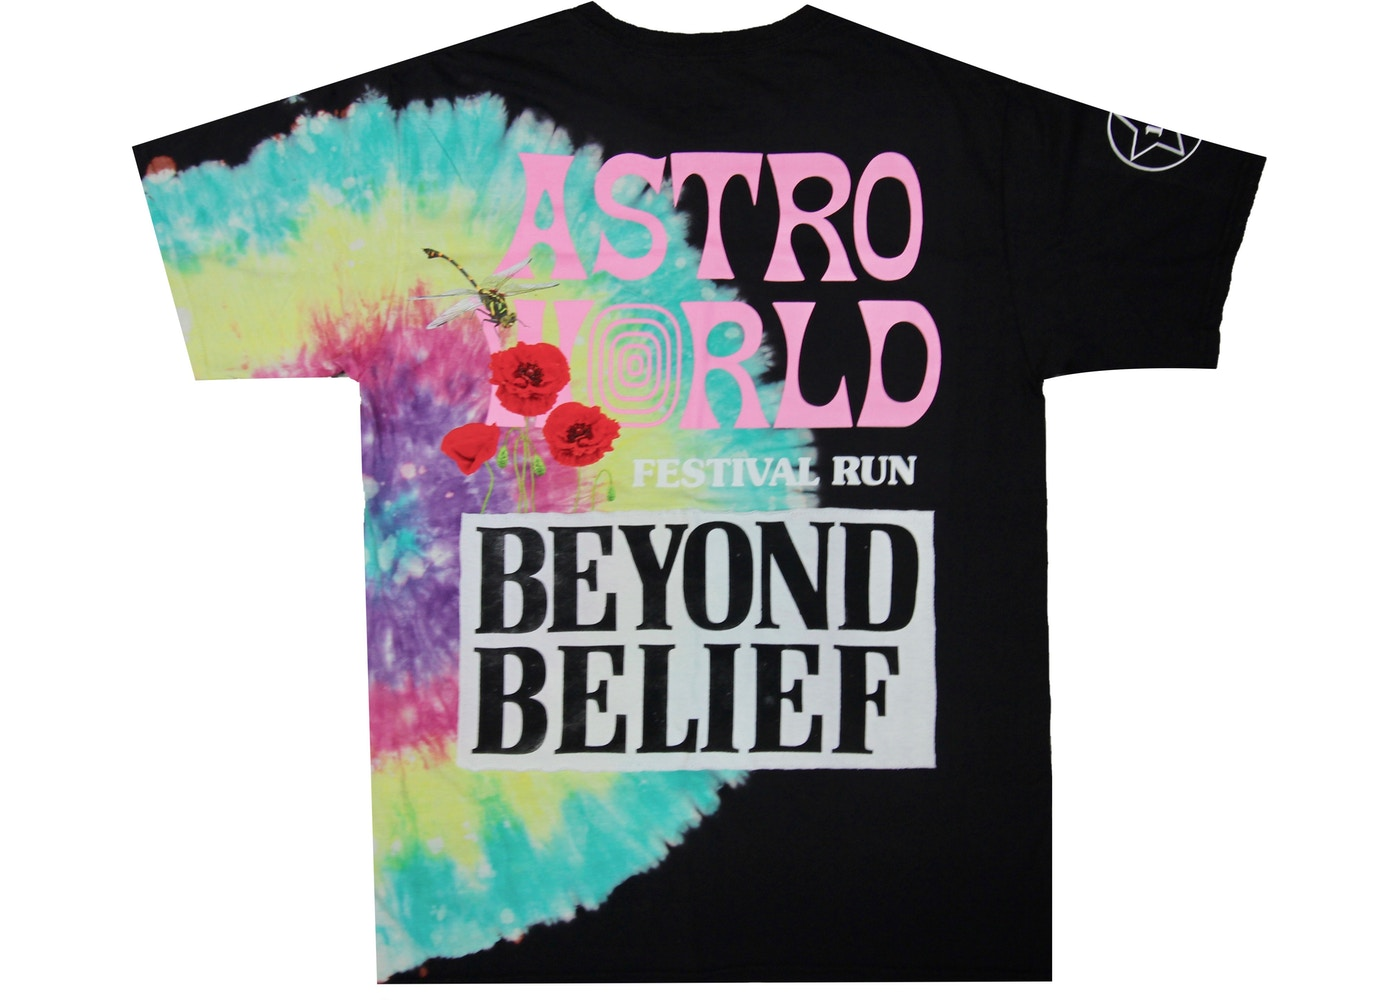 39b24b4386f2 Travis Scott Astroworld Festival Run Tie Dye Tee Black - SS19